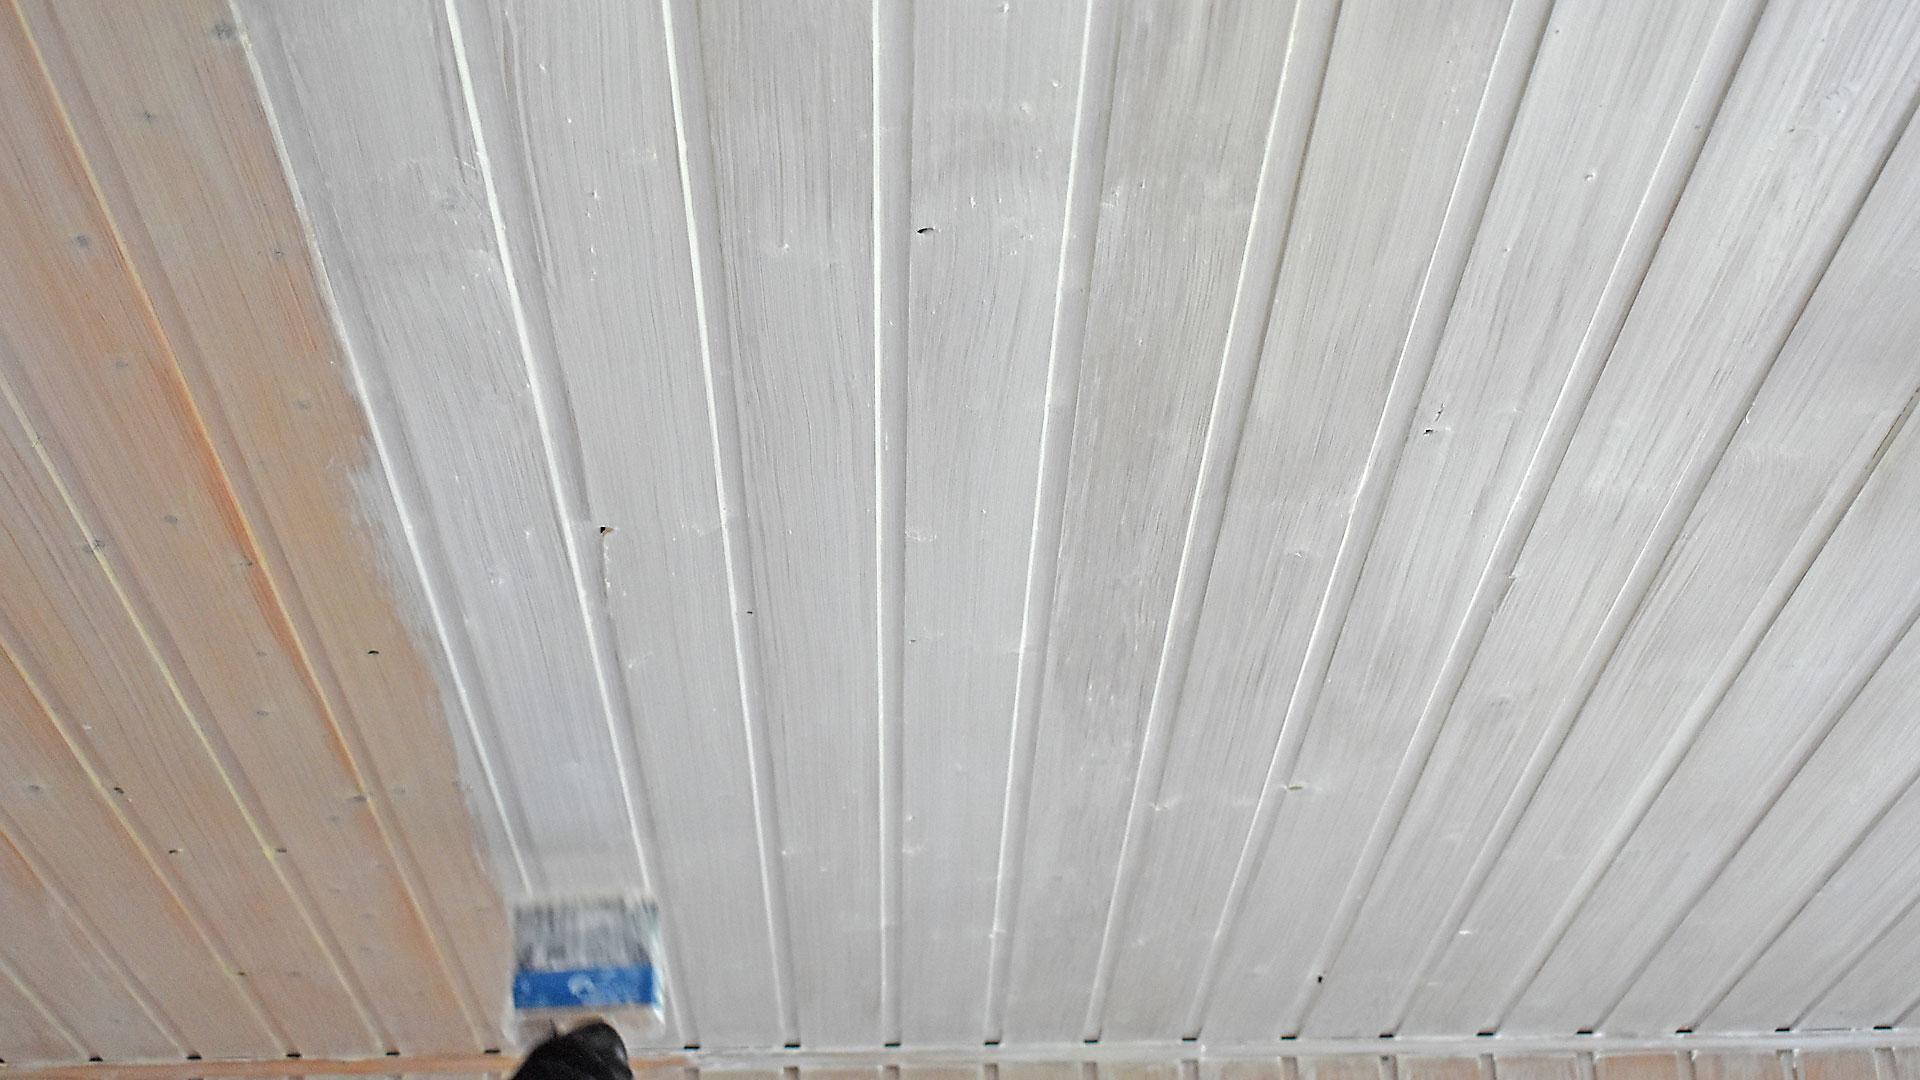 Turbo Lackierarbeiten Holzschutz Lasur Holzdecke streichen Schortens RT32